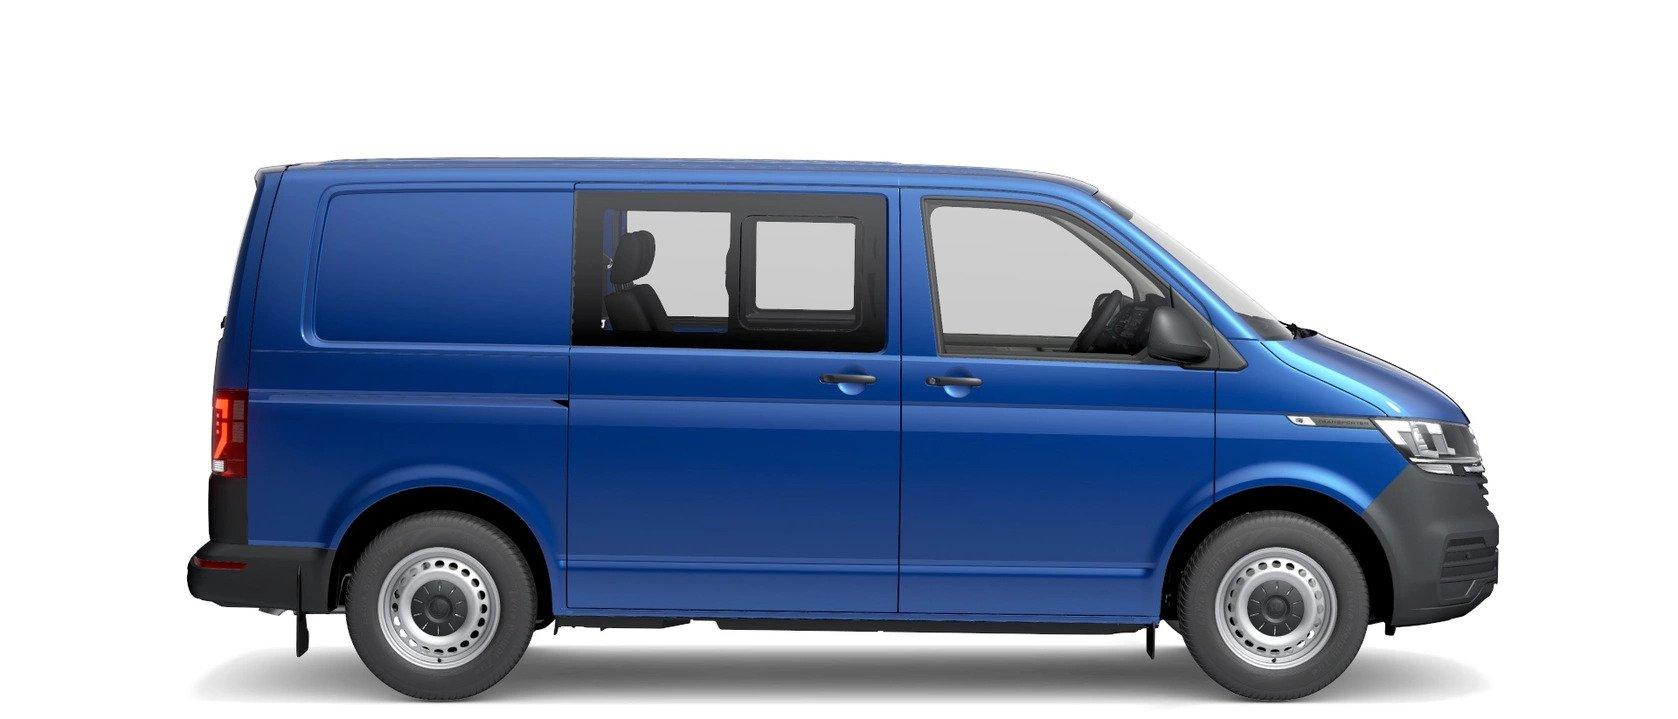 Ravenna Blue Metallic